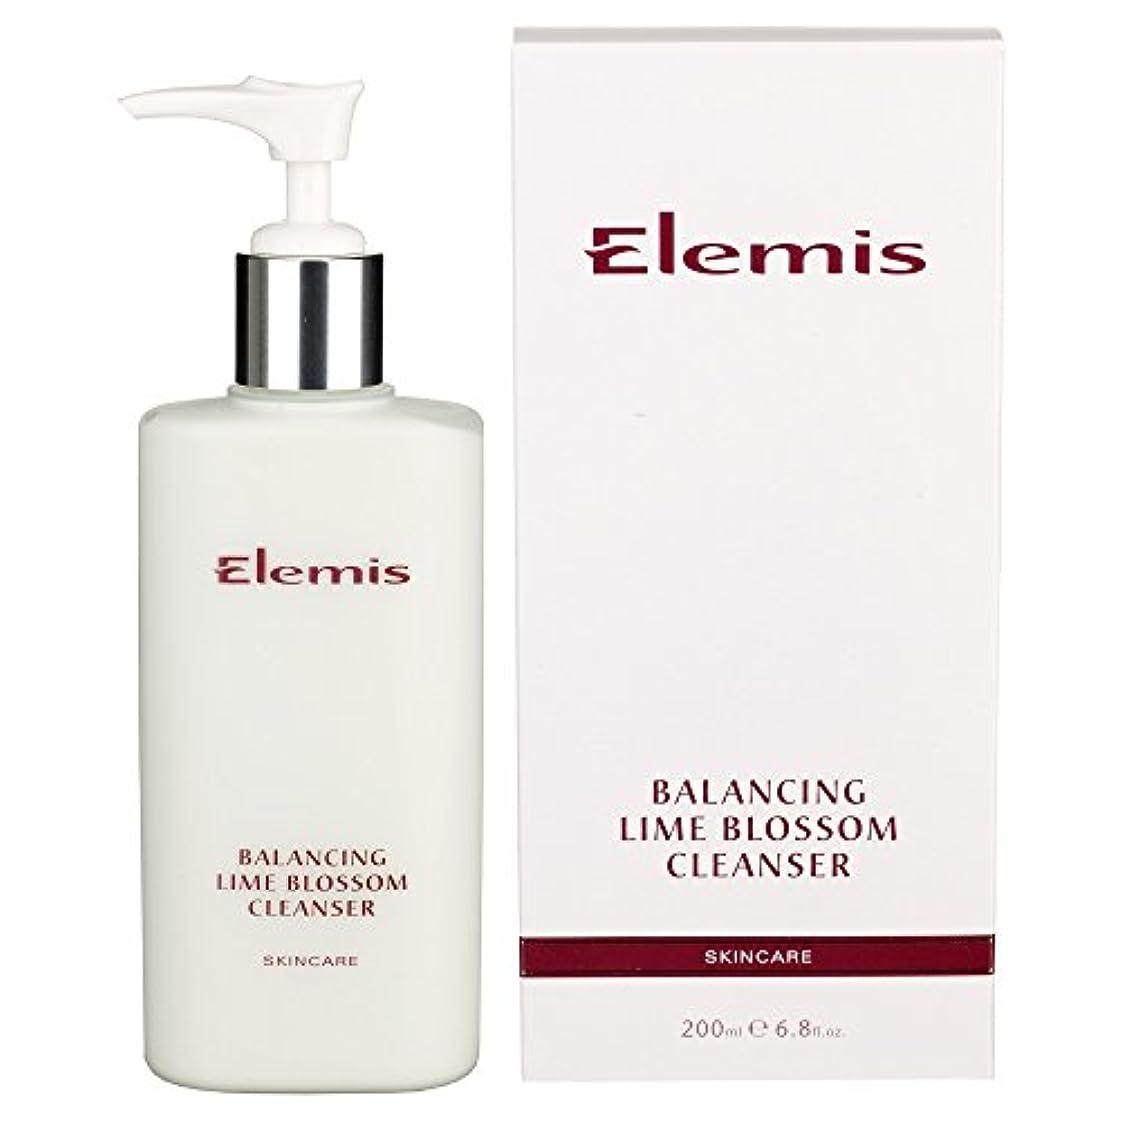 カエルモジュールスロットライムブロッサムクレンザーのバランスをとります (Elemis) - Balancing Lime Blossom Cleanser [並行輸入品]